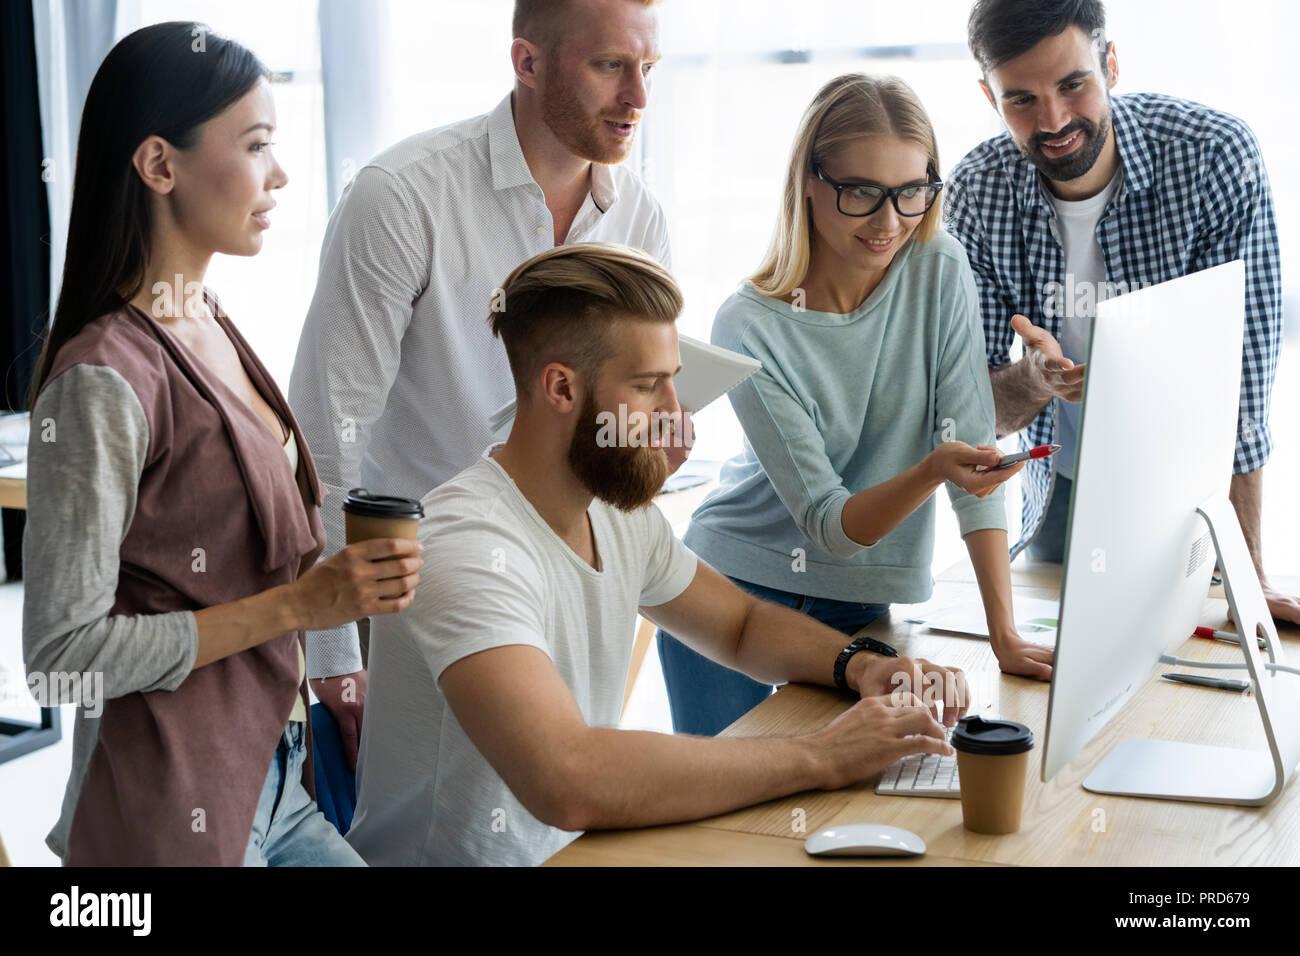 Diskutieren erfolgreiche Projekt. Gruppe von jungen fröhlichen Geschäft Leute arbeiten und kommunizieren, während Sie im Büro Schreibtisch sitzen zusammen mit Kollegen im Hintergrund sitzen. Stockbild